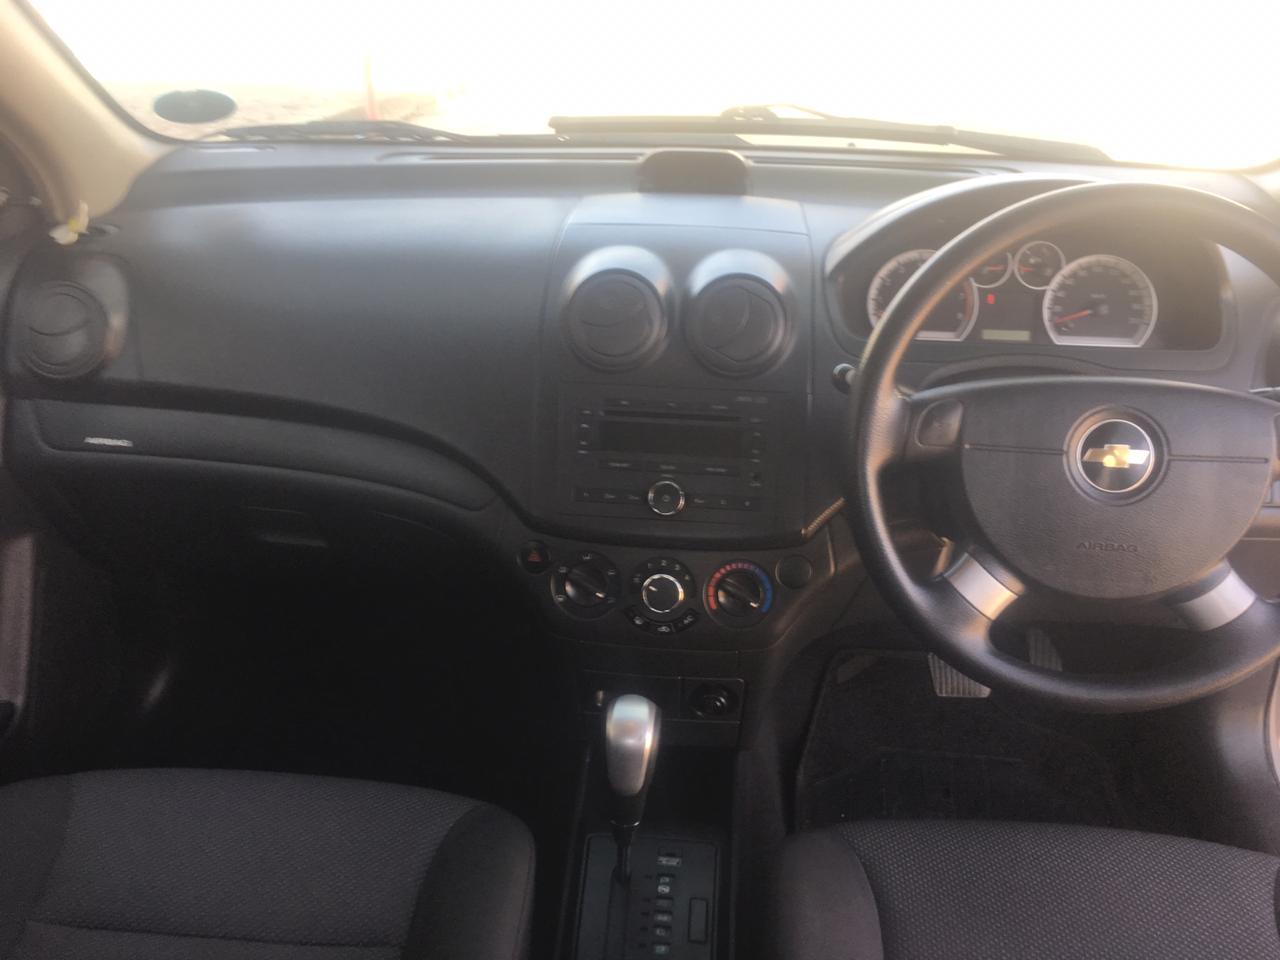 2010 Chevrolet Aveo sedan 1.6 LS auto